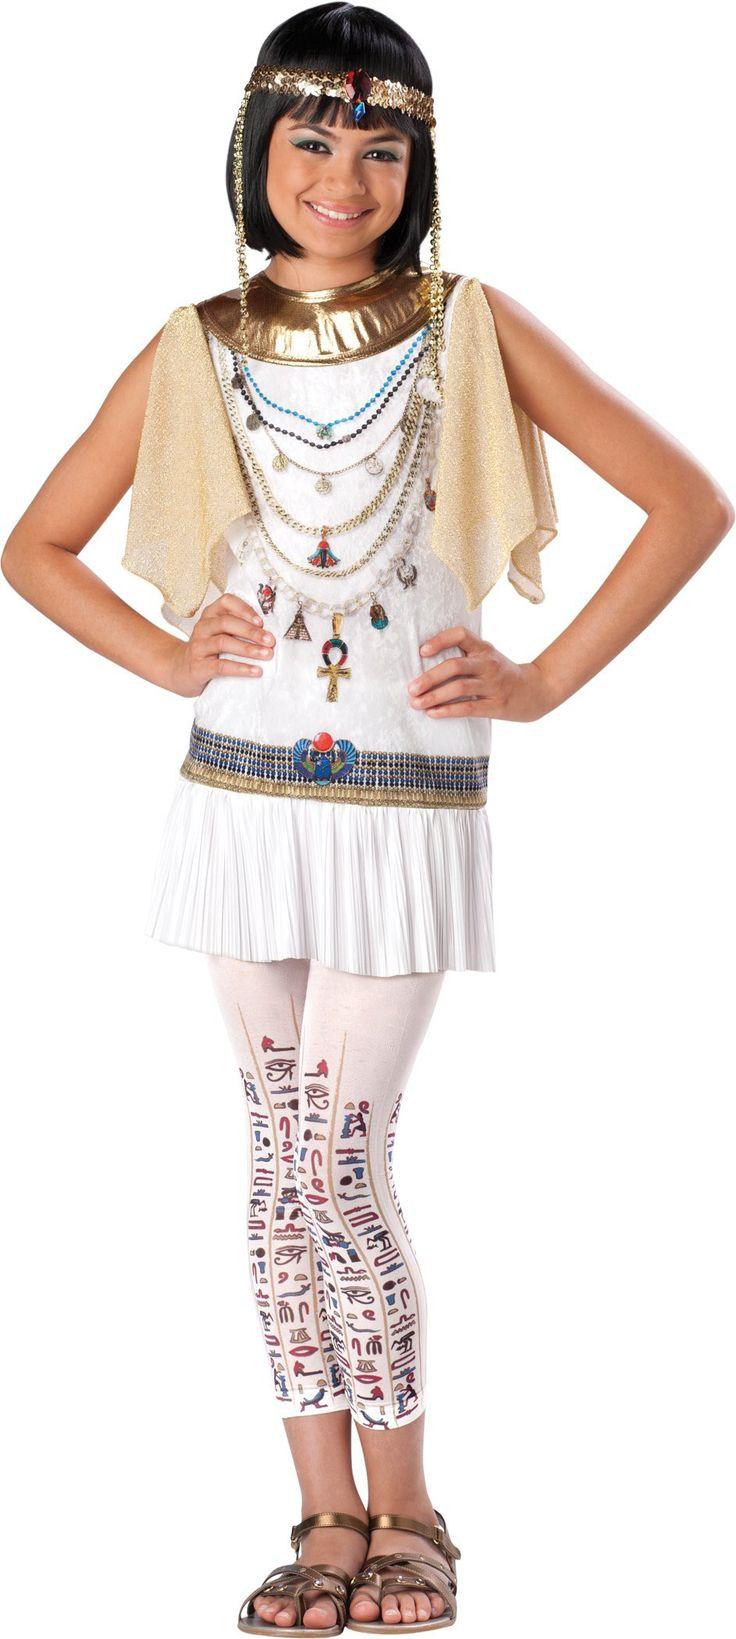 костюм клеопатры: 26 тыс изображений найдено в Яндекс.Картинках